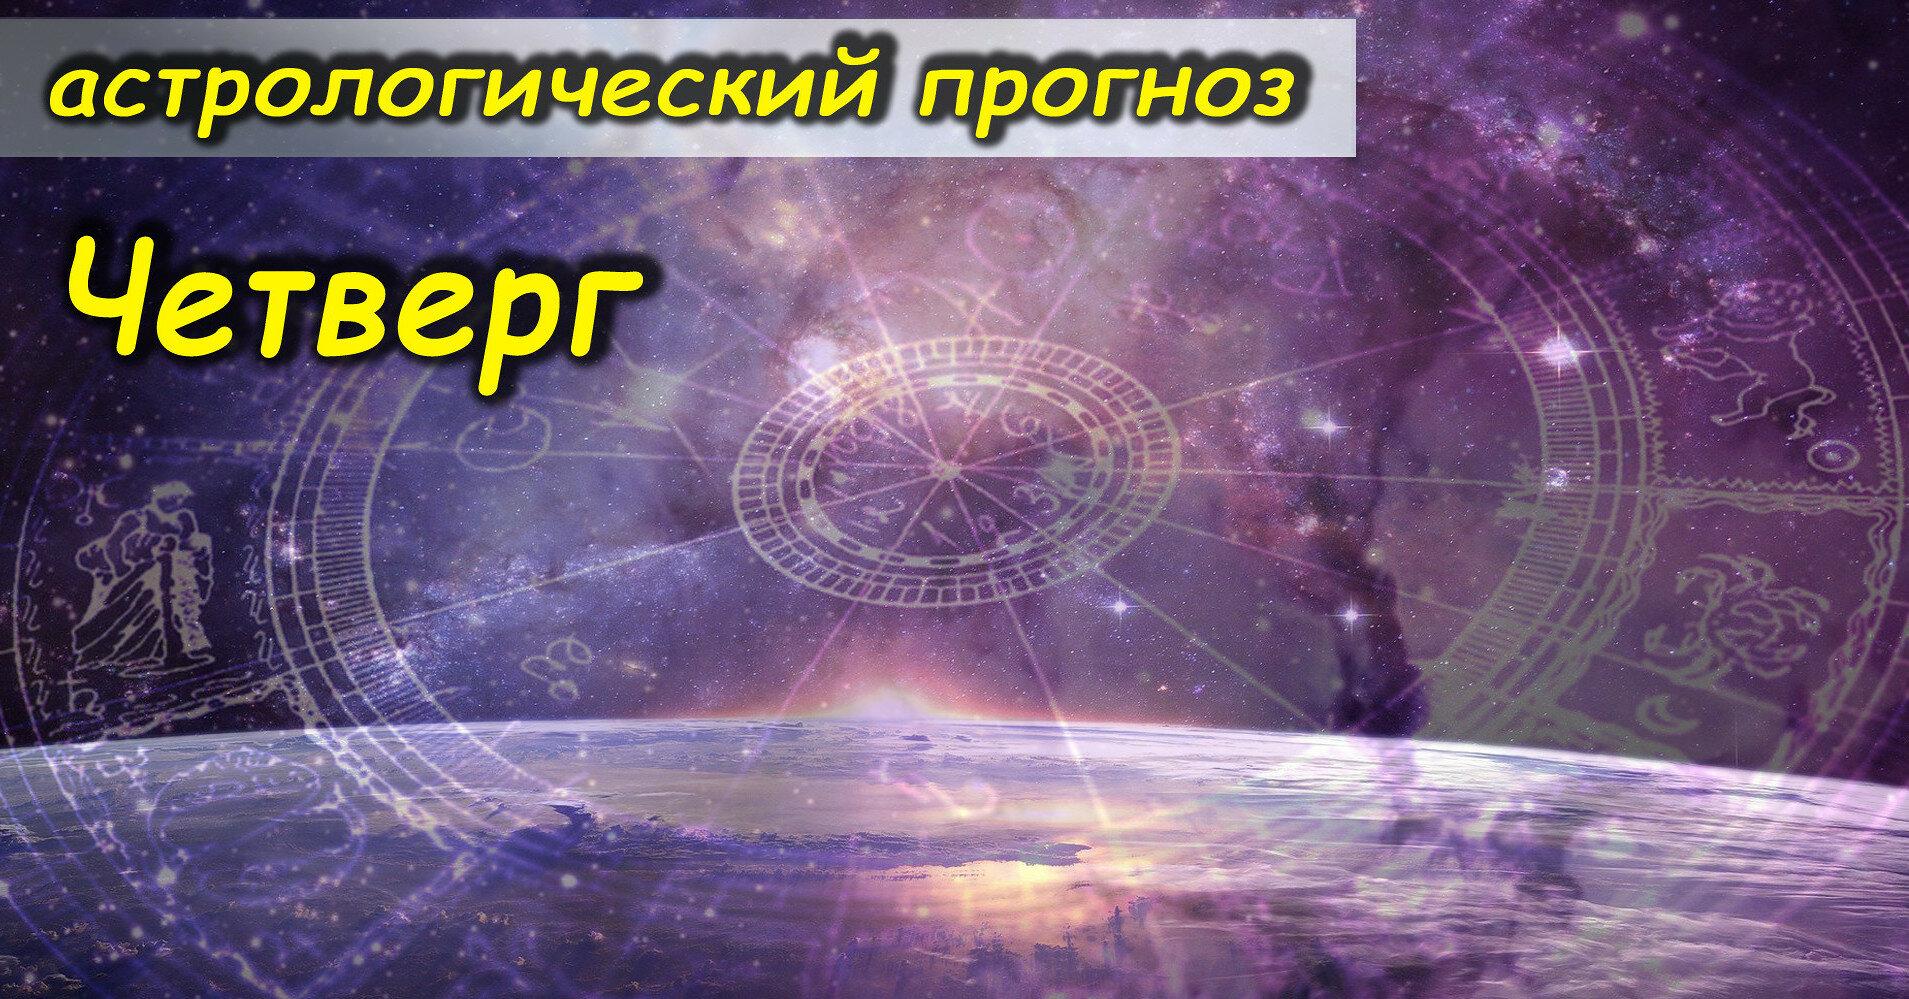 Гороскоп на 24 июня для всех знаков зодиака